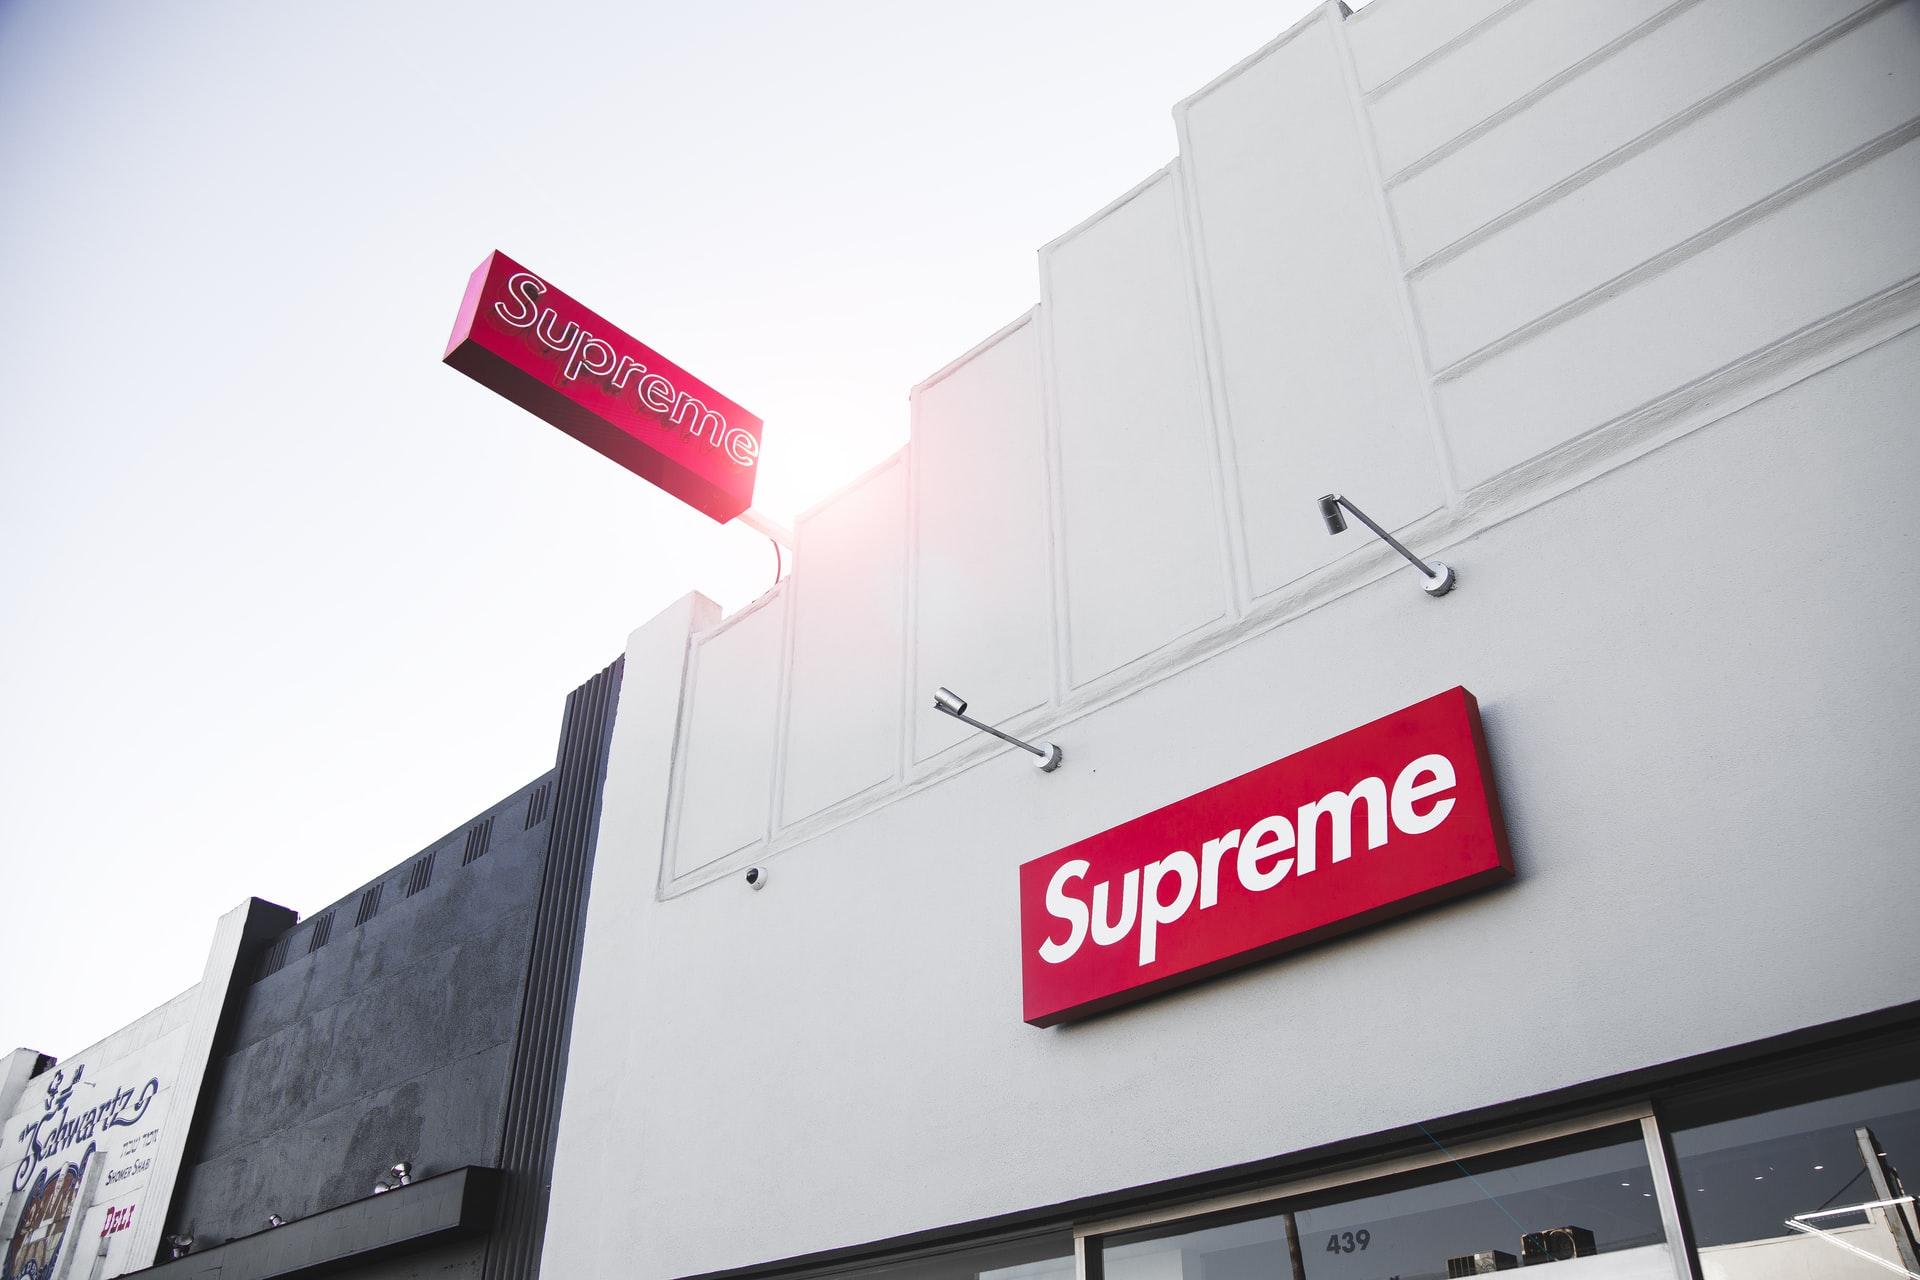 Marka Supreme – dlaczego okazała się tak popularna?